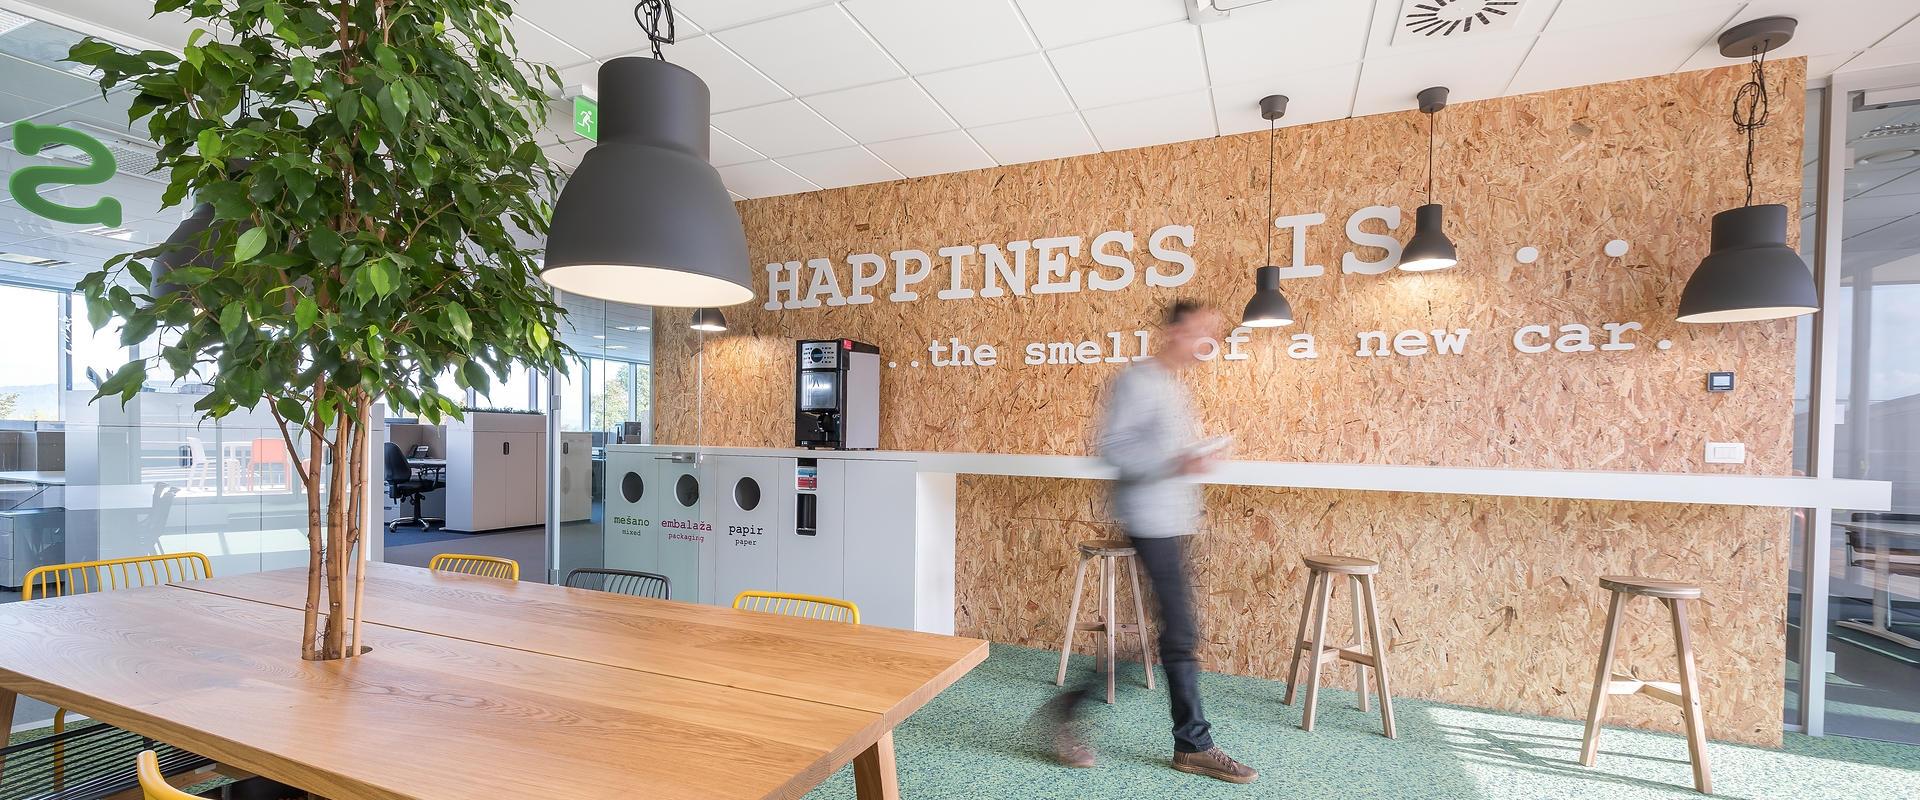 Odli�en design spodbuja ustvarjalnost in inovacije   KMAG Ljubljana, prenova sede�a dru�be Preberi ve�